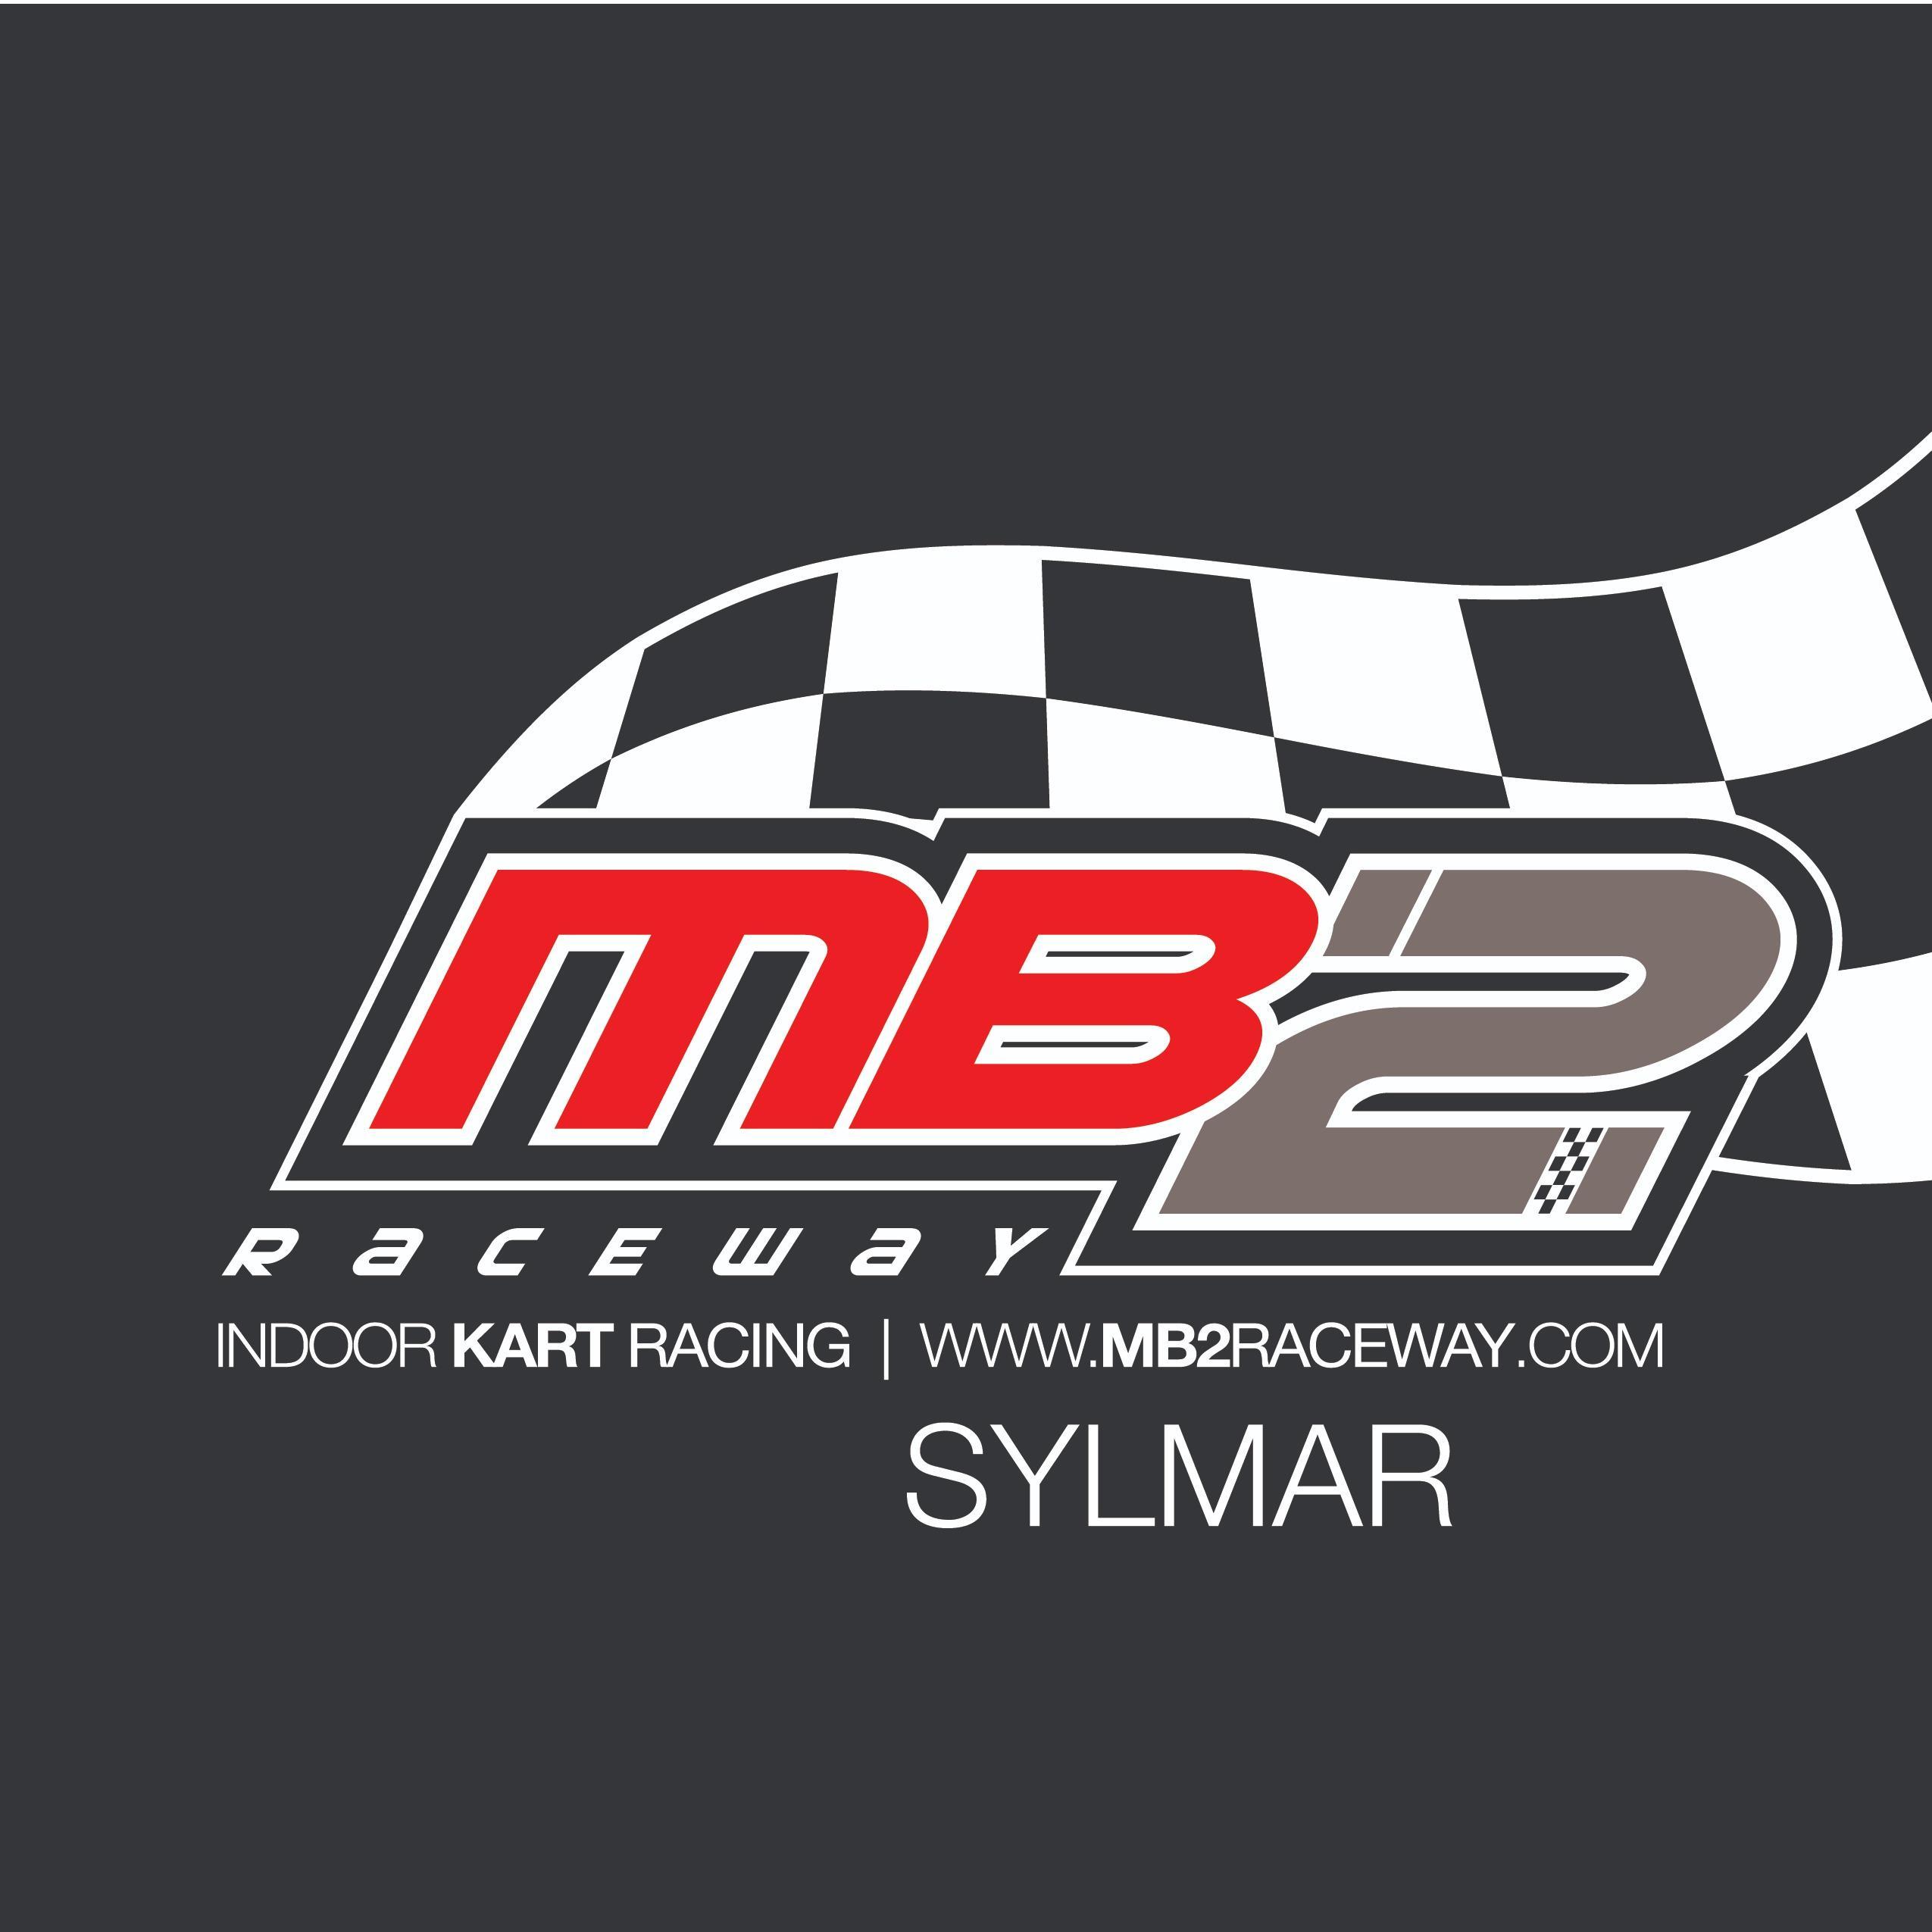 Mb2 Raceway - Sylmar